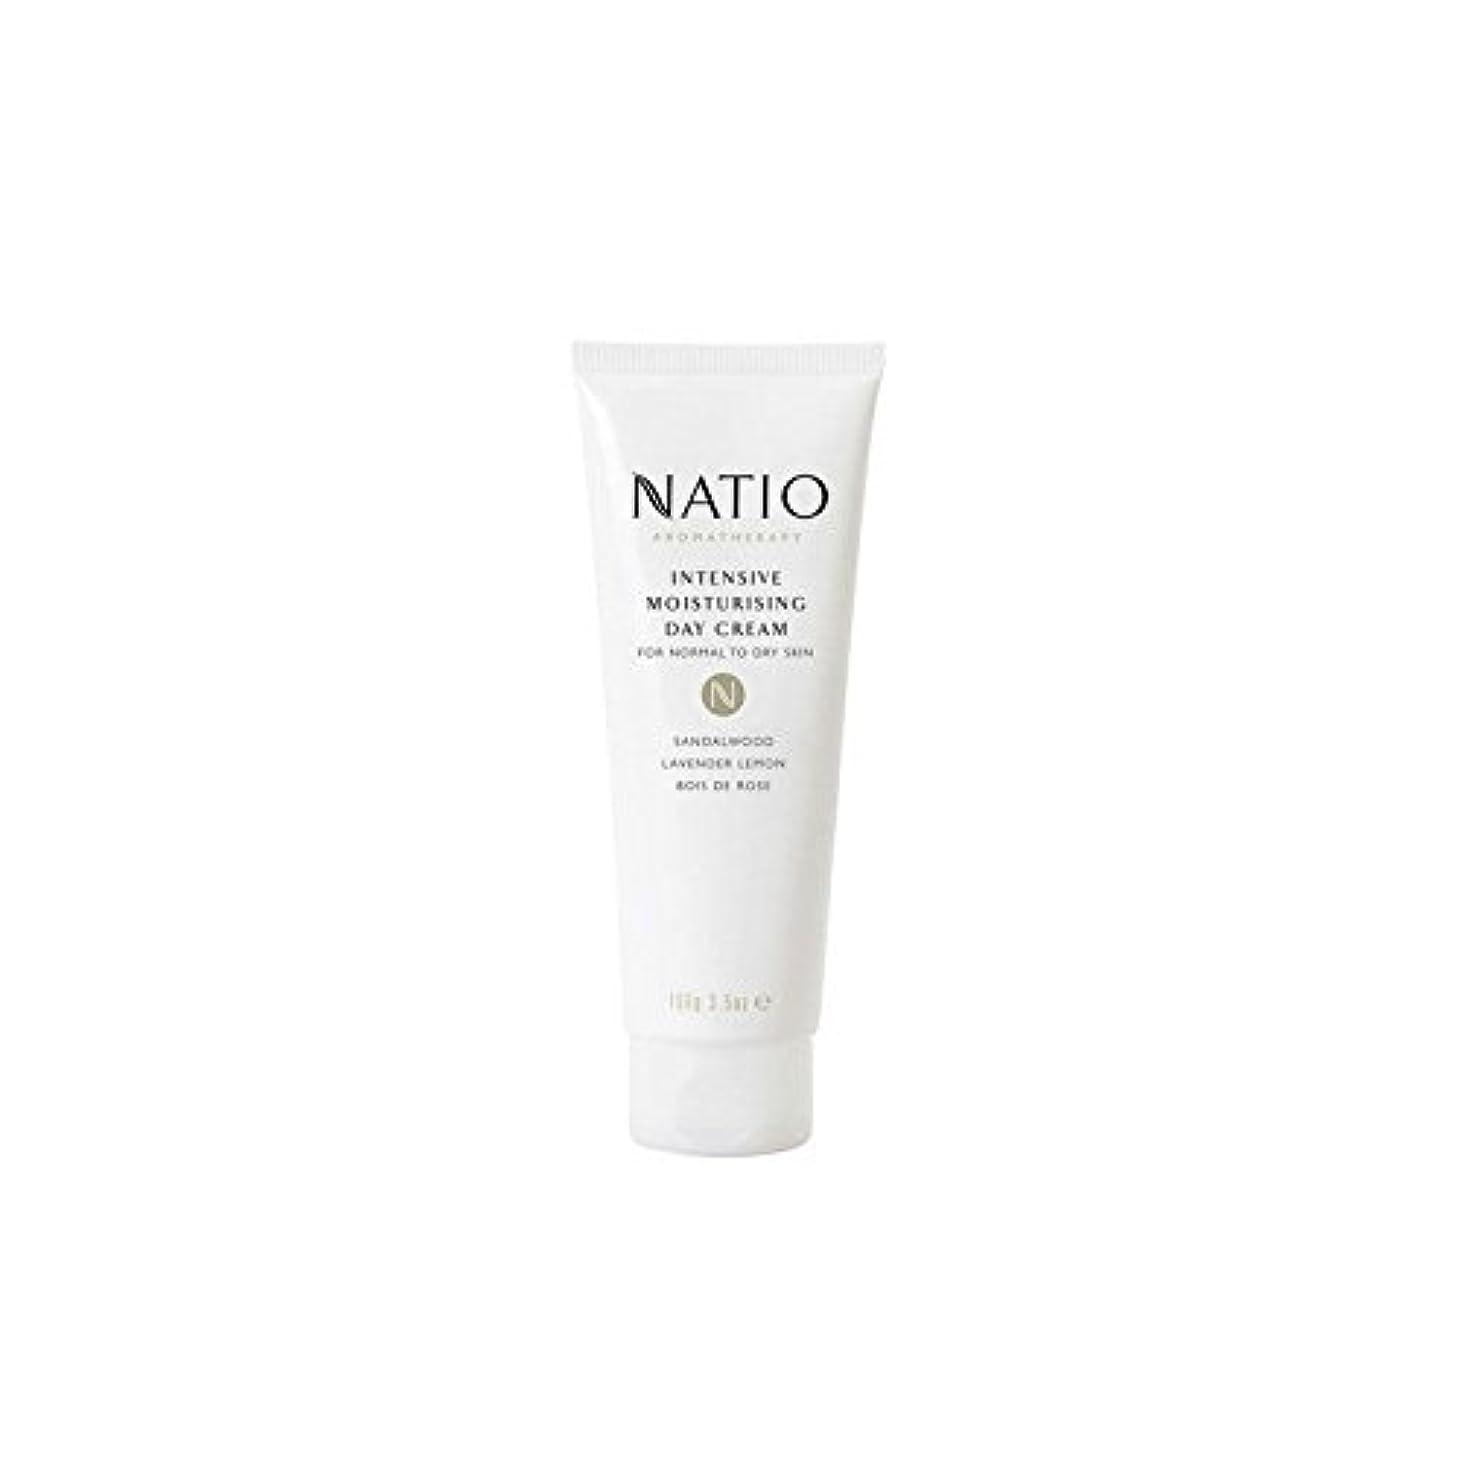 財布赤字ドキドキ集中的な保湿デイクリーム(100グラム) x4 - Natio Intensive Moisturising Day Cream (100G) (Pack of 4) [並行輸入品]